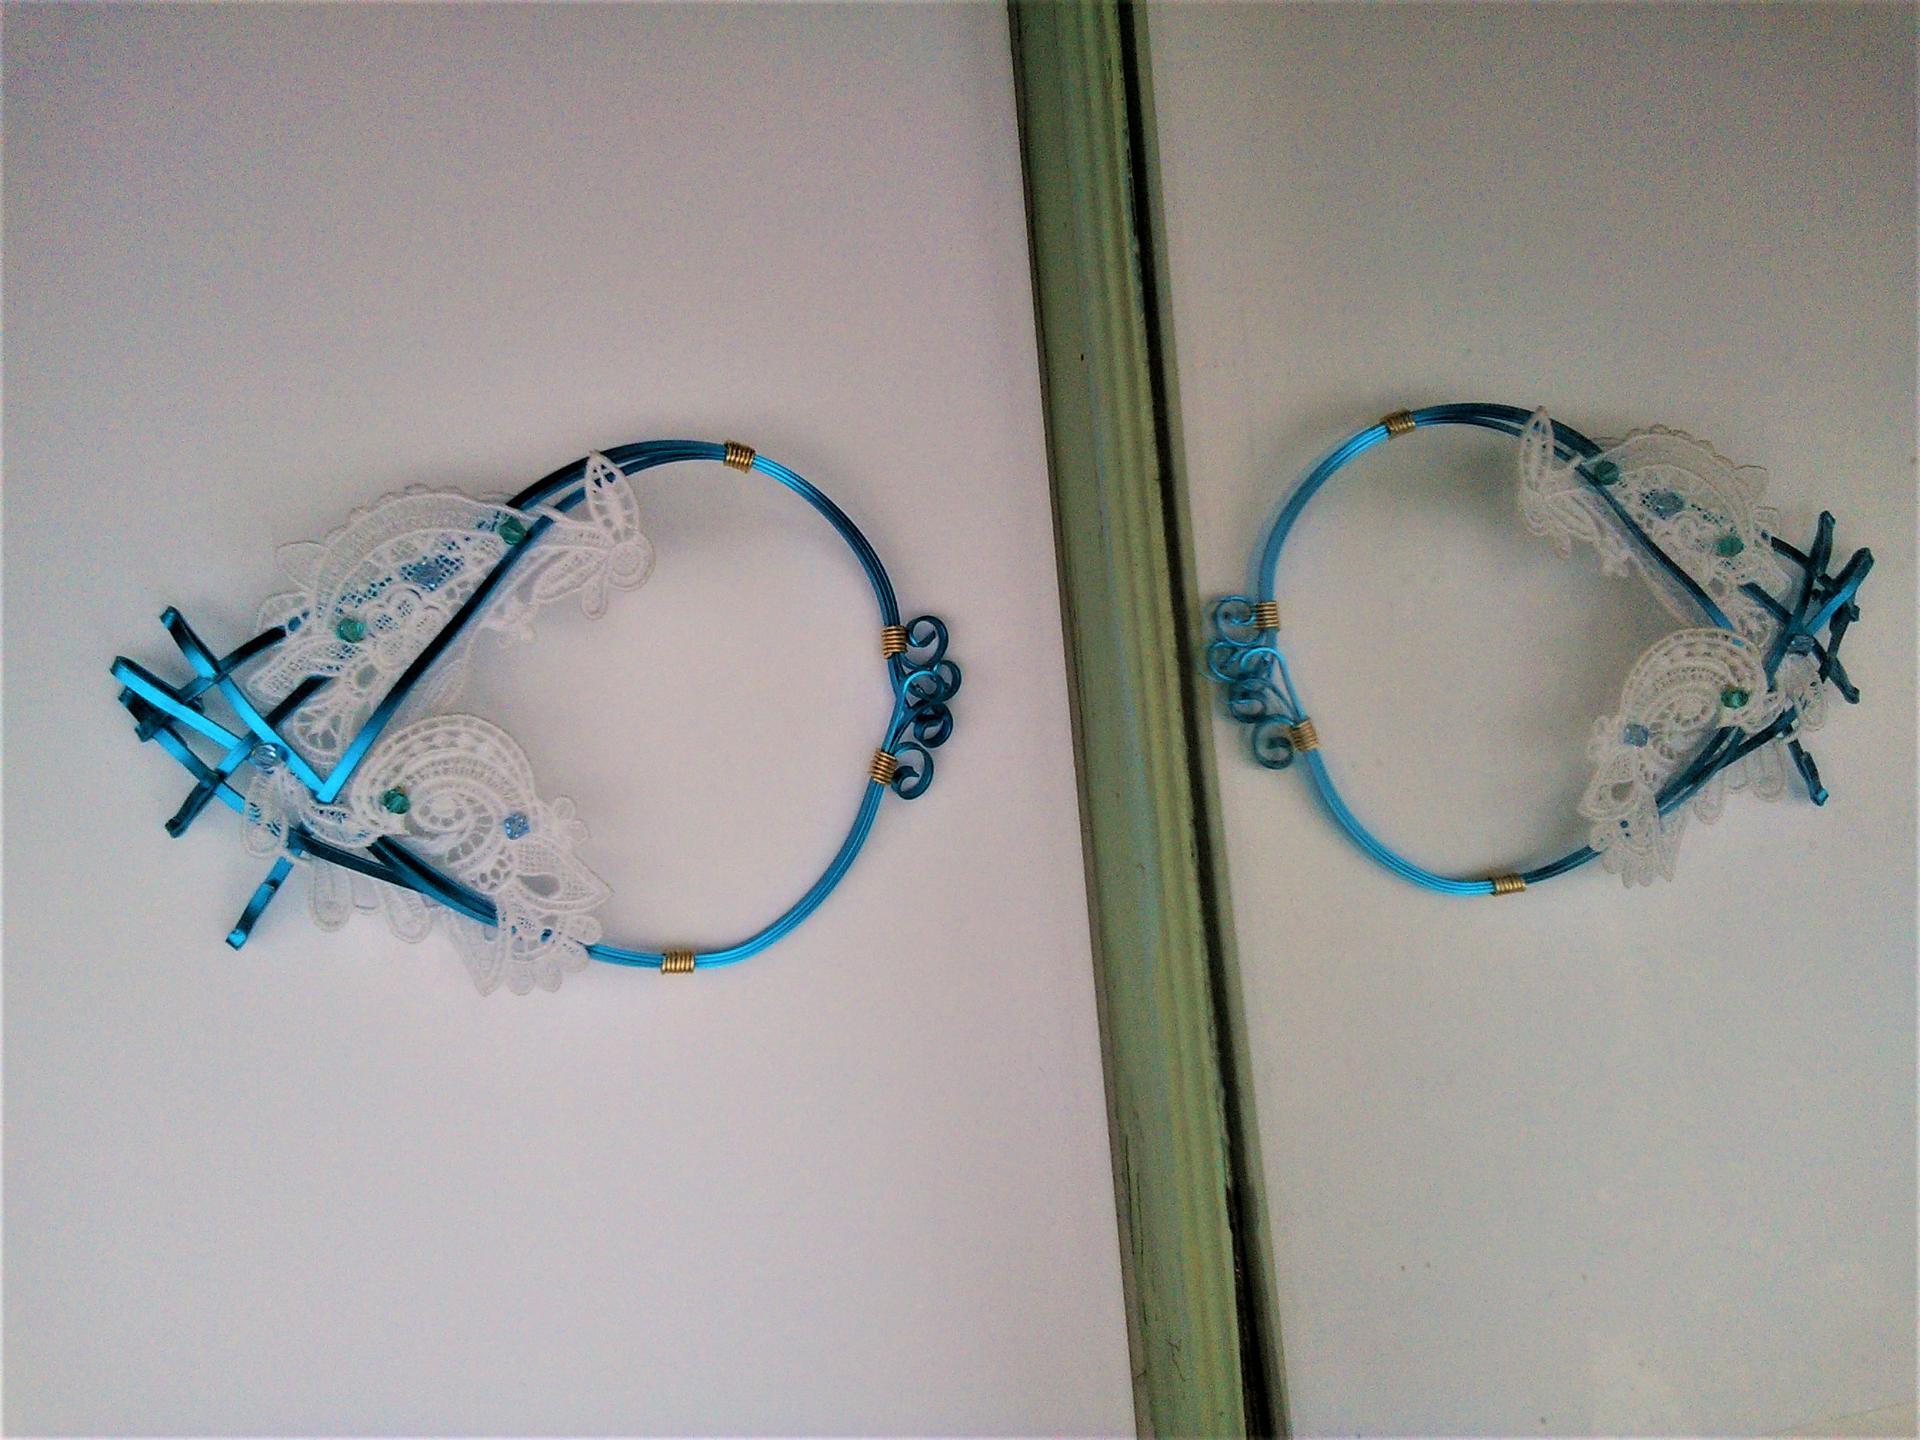 Parure collier victoire qualite materiaux precieux fantaisie perles de qualite fils tresses couleurs travaillees main pieces de dentelle brodees main fifi au jardin precious